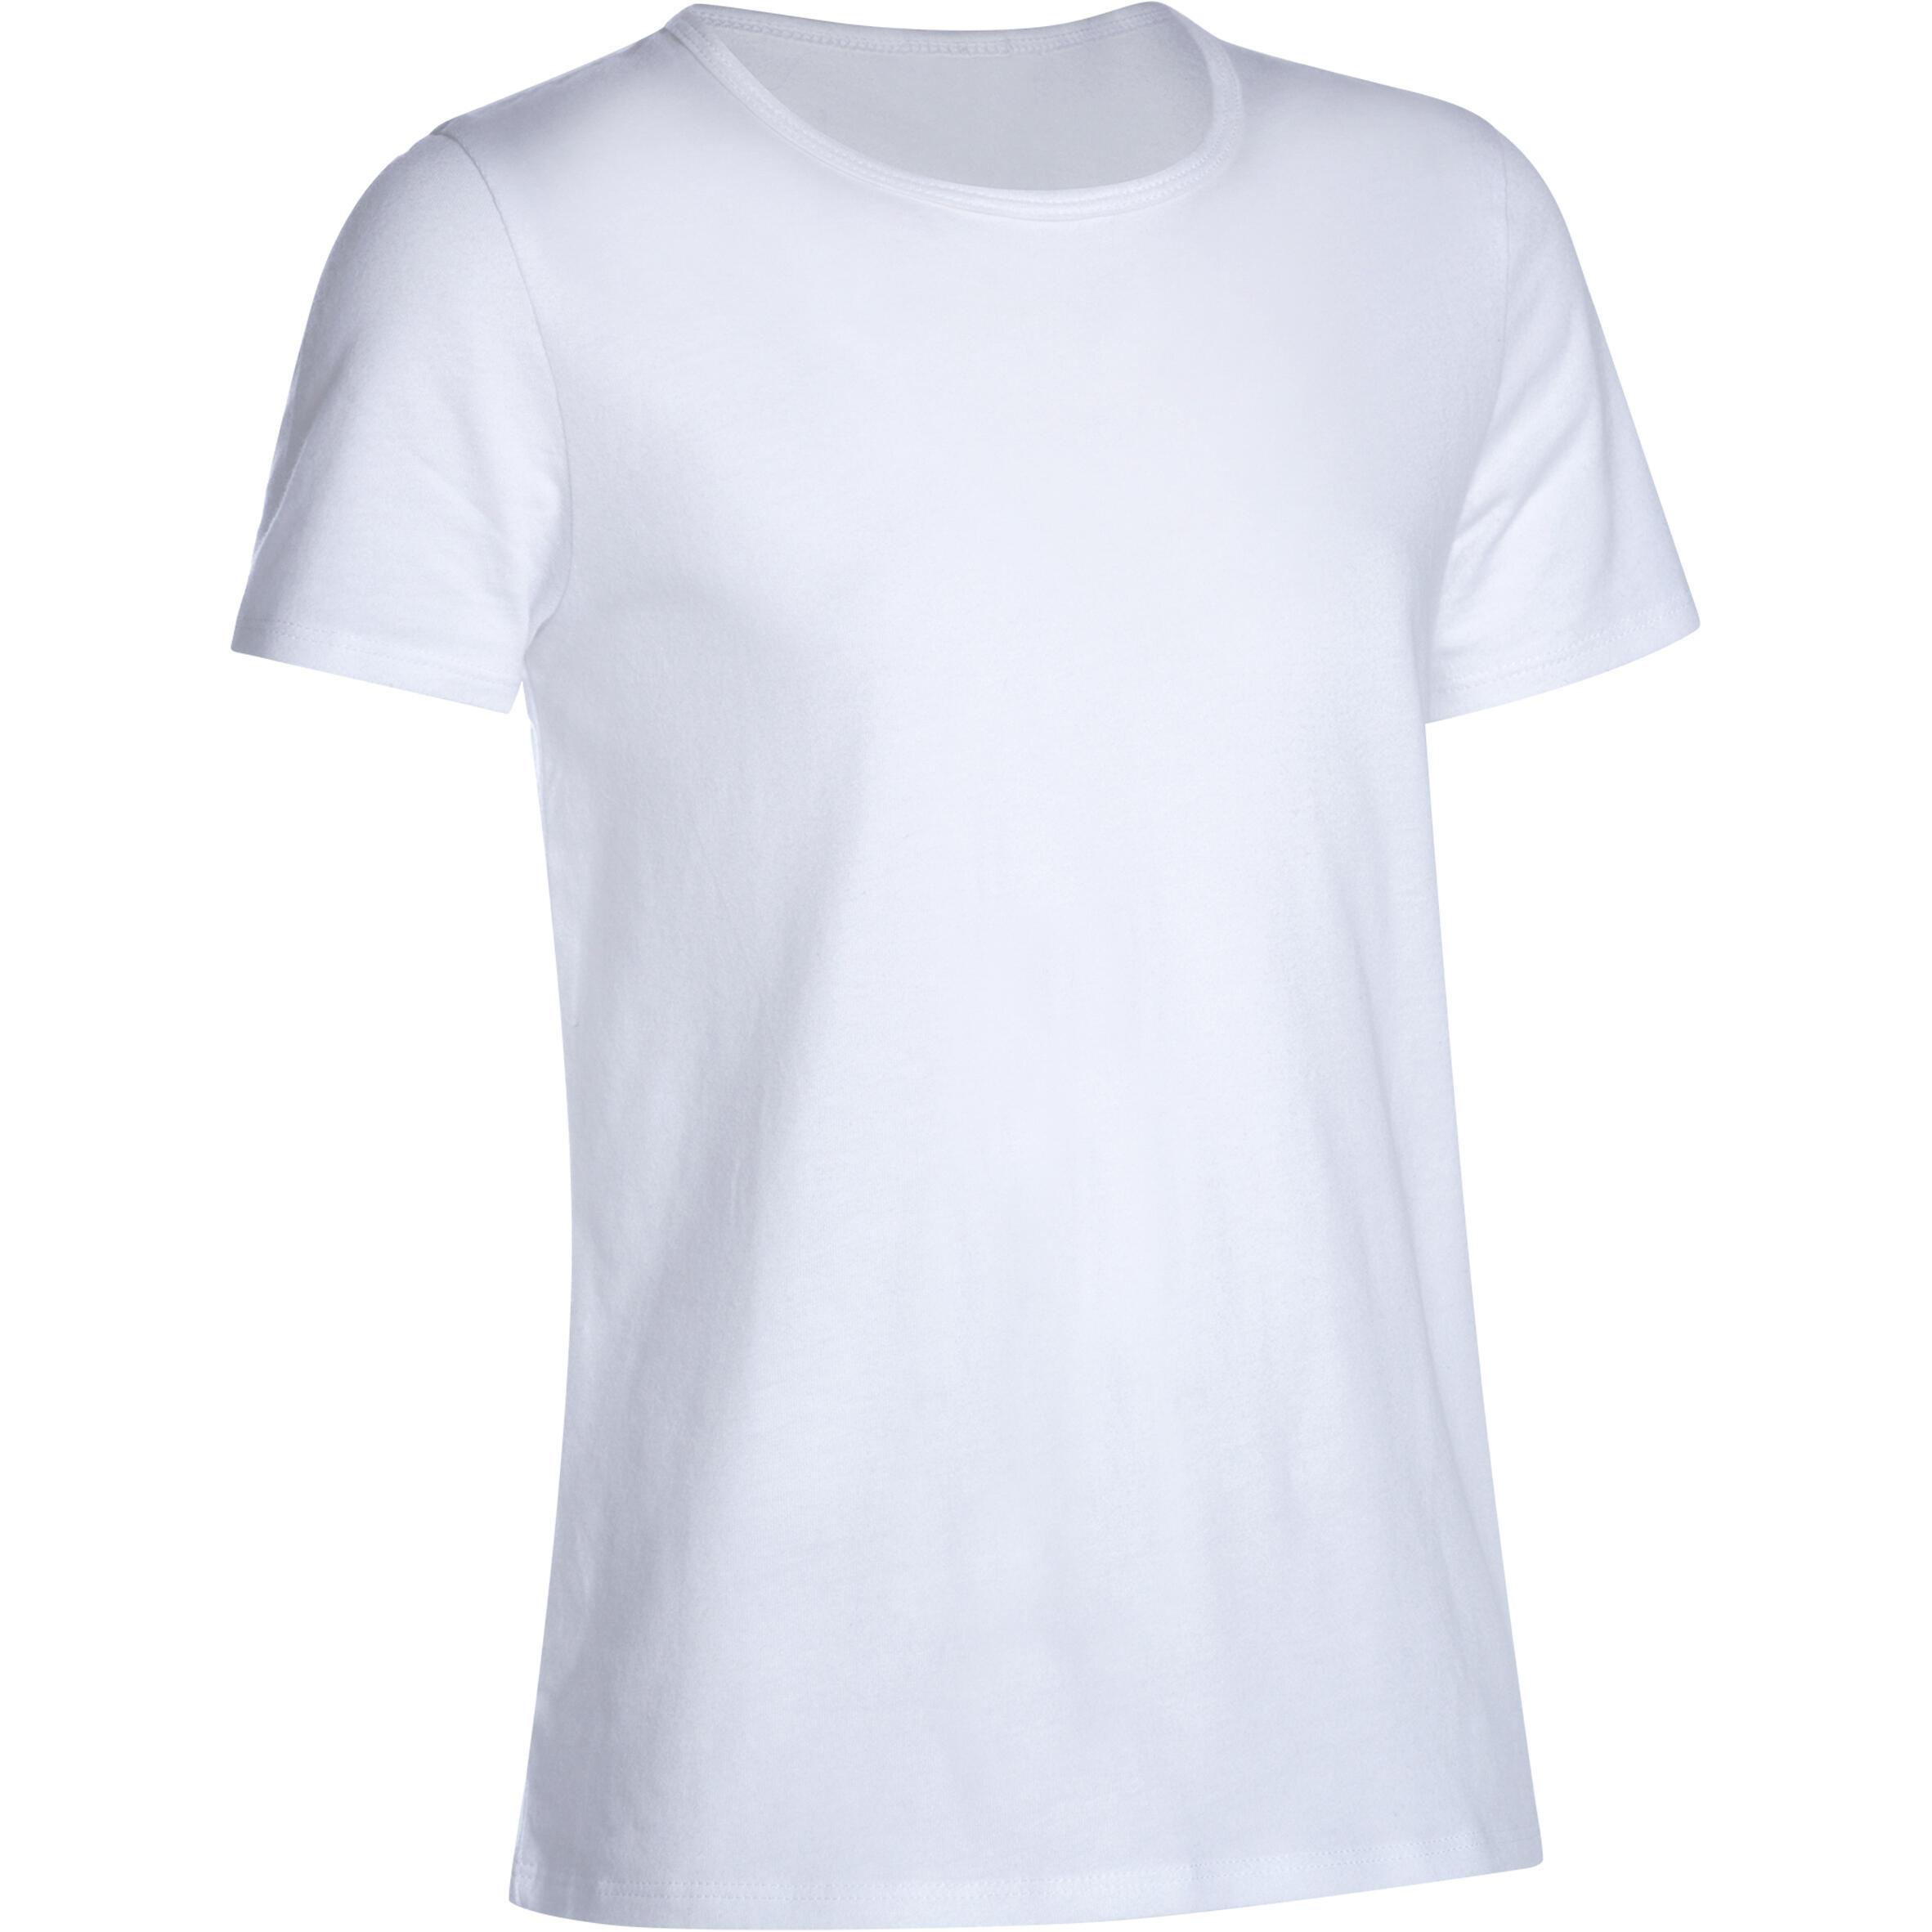 Girls' Short-Sleeved Gym T-Shirt - White